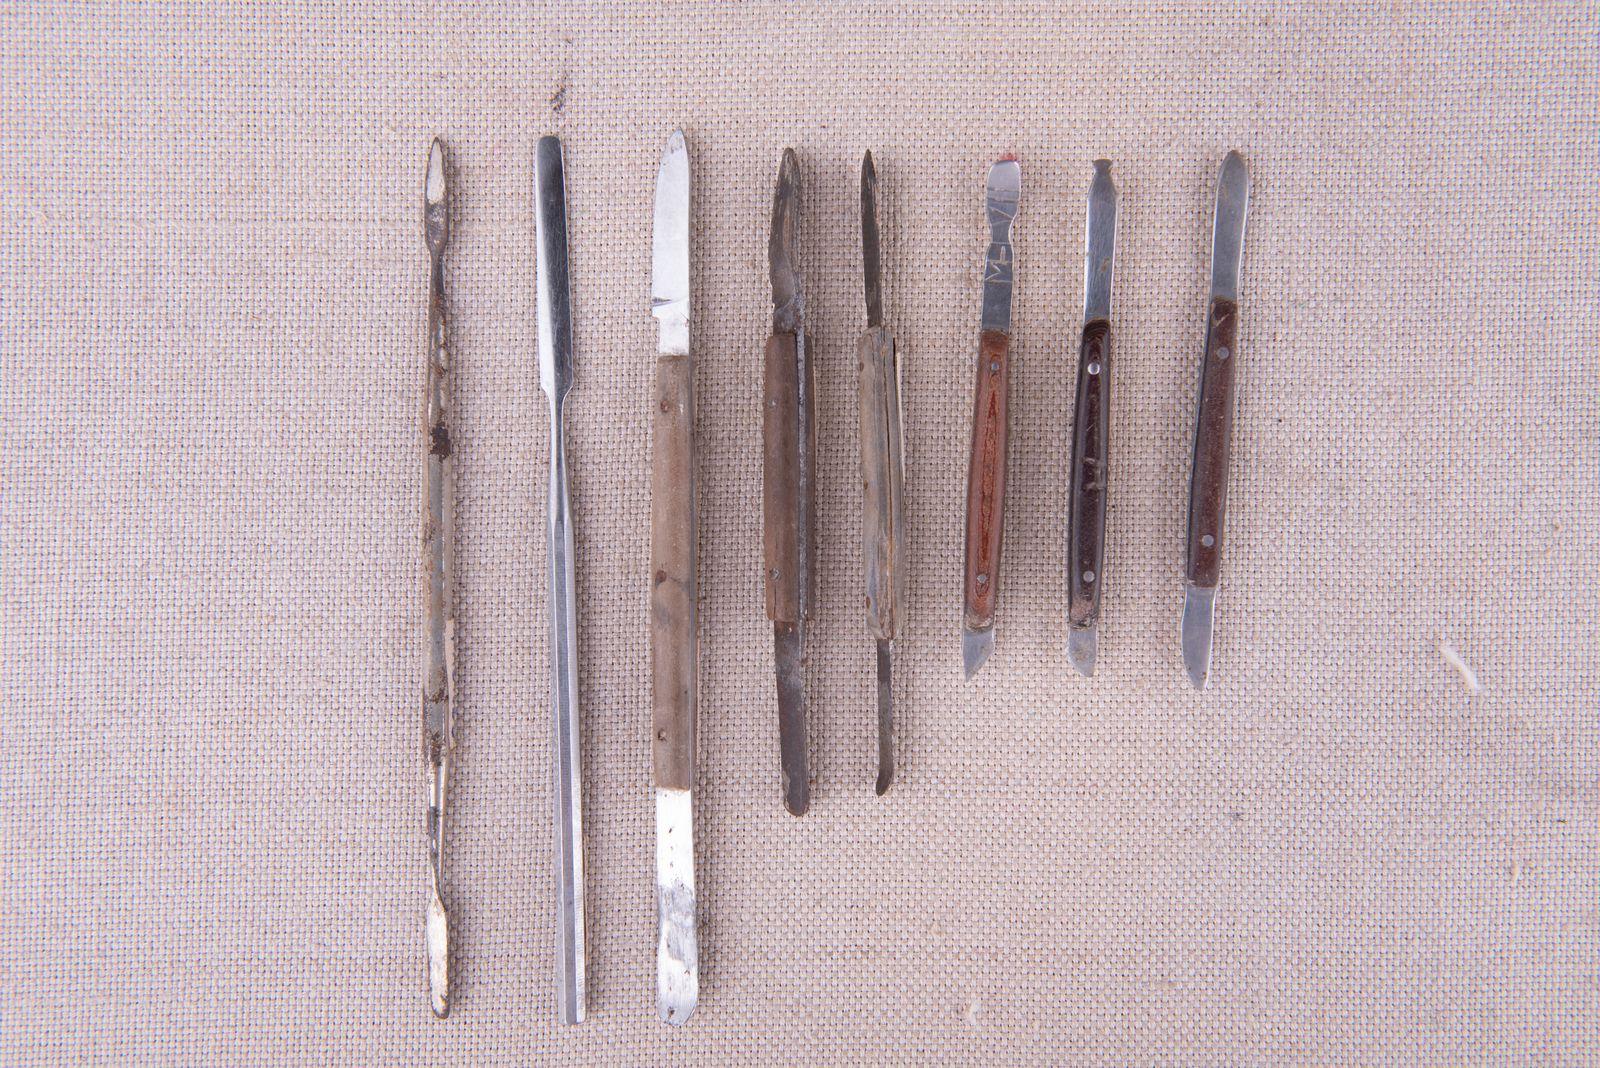 Muzei278_Моделажни ножчета за работа с восък и шпатул за цимент